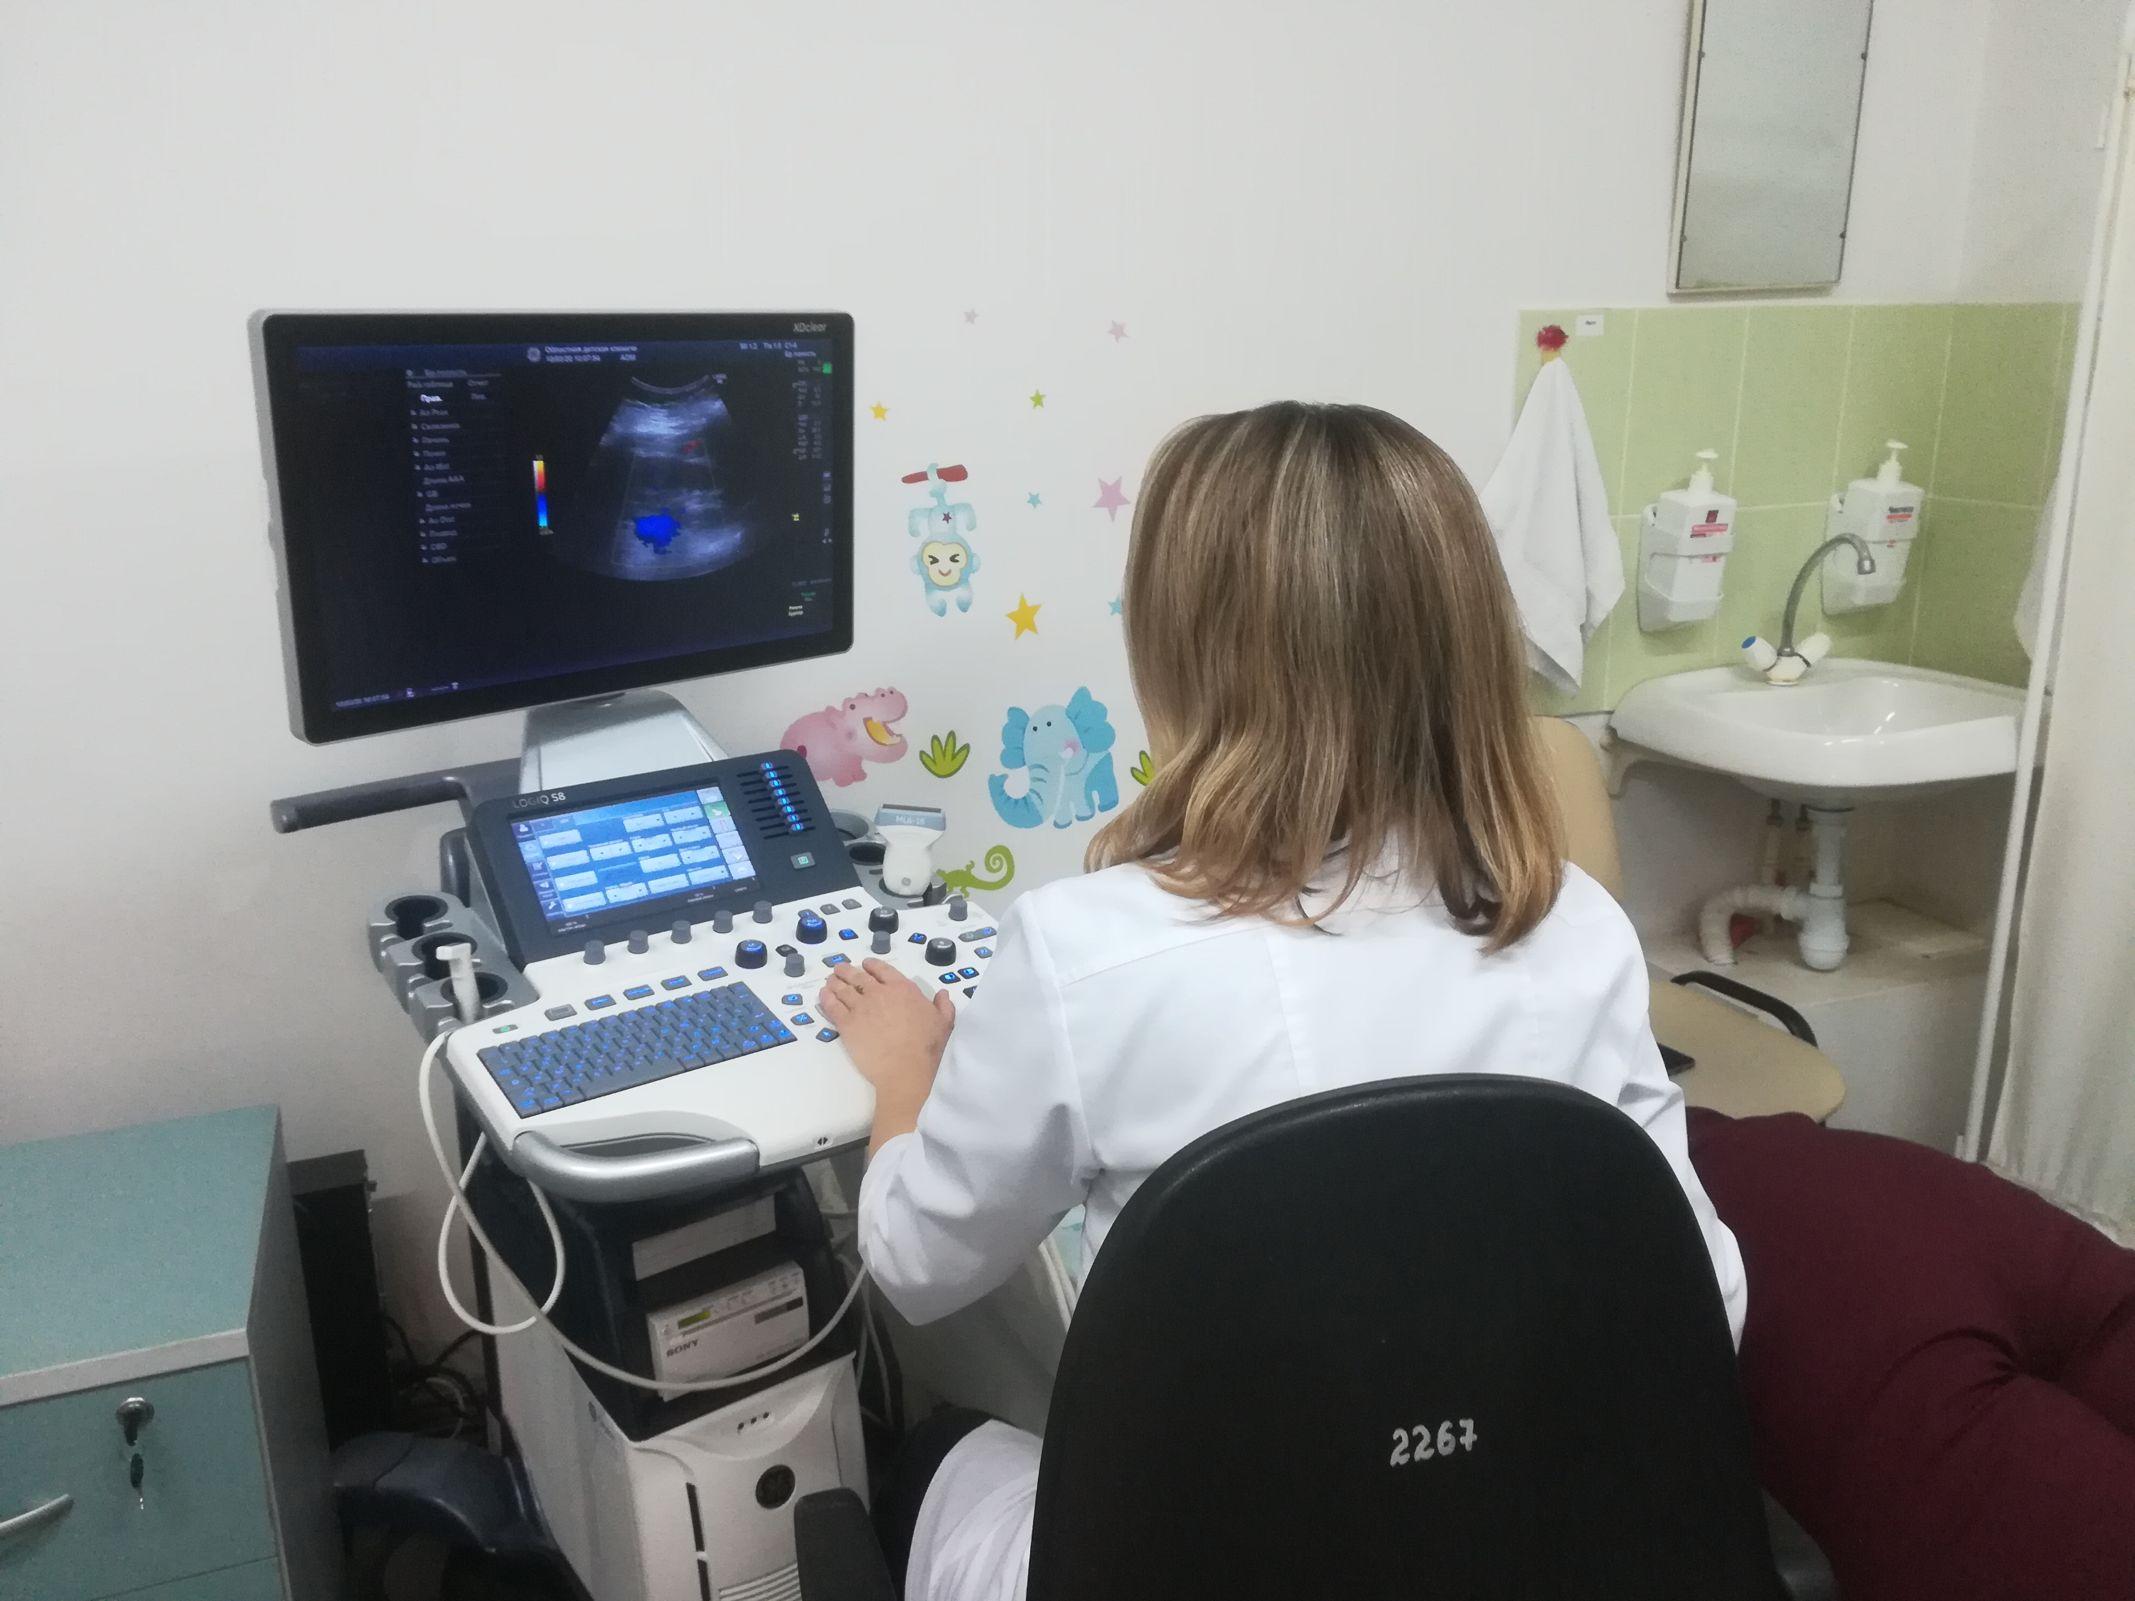 Новый УЗИ-аппарат позволит проводить сверхточные обследования пациентов в Ярославской областной детской больнице